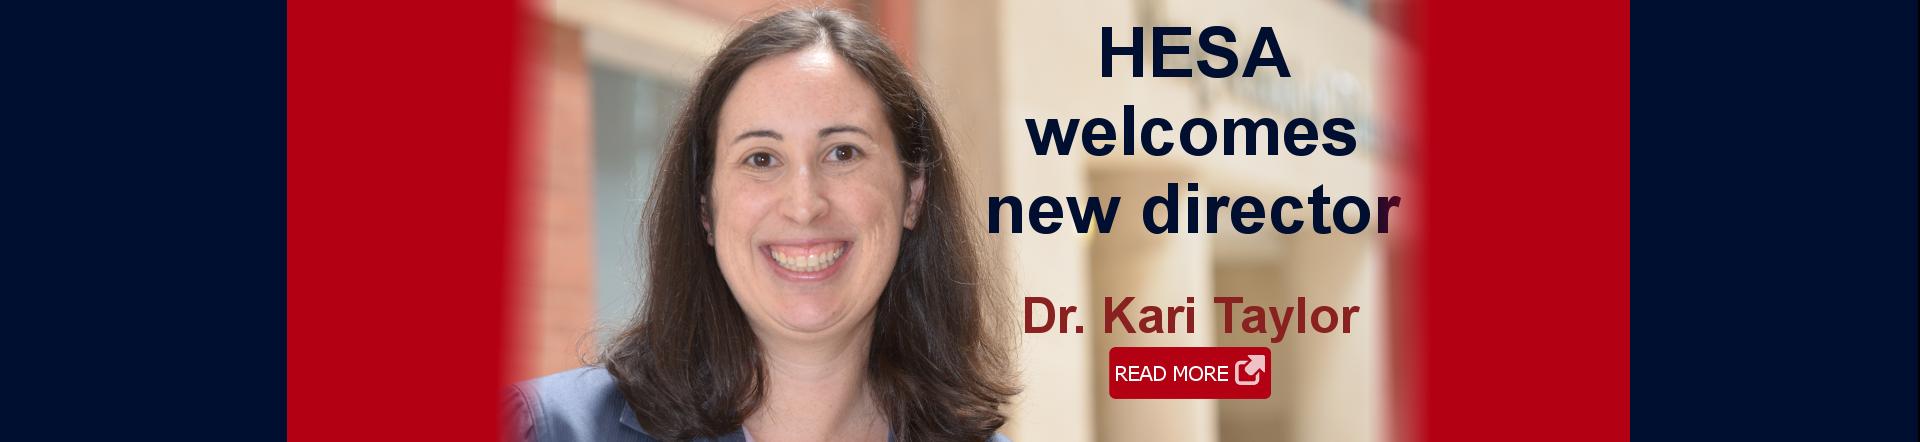 Dr. Kari Taylor